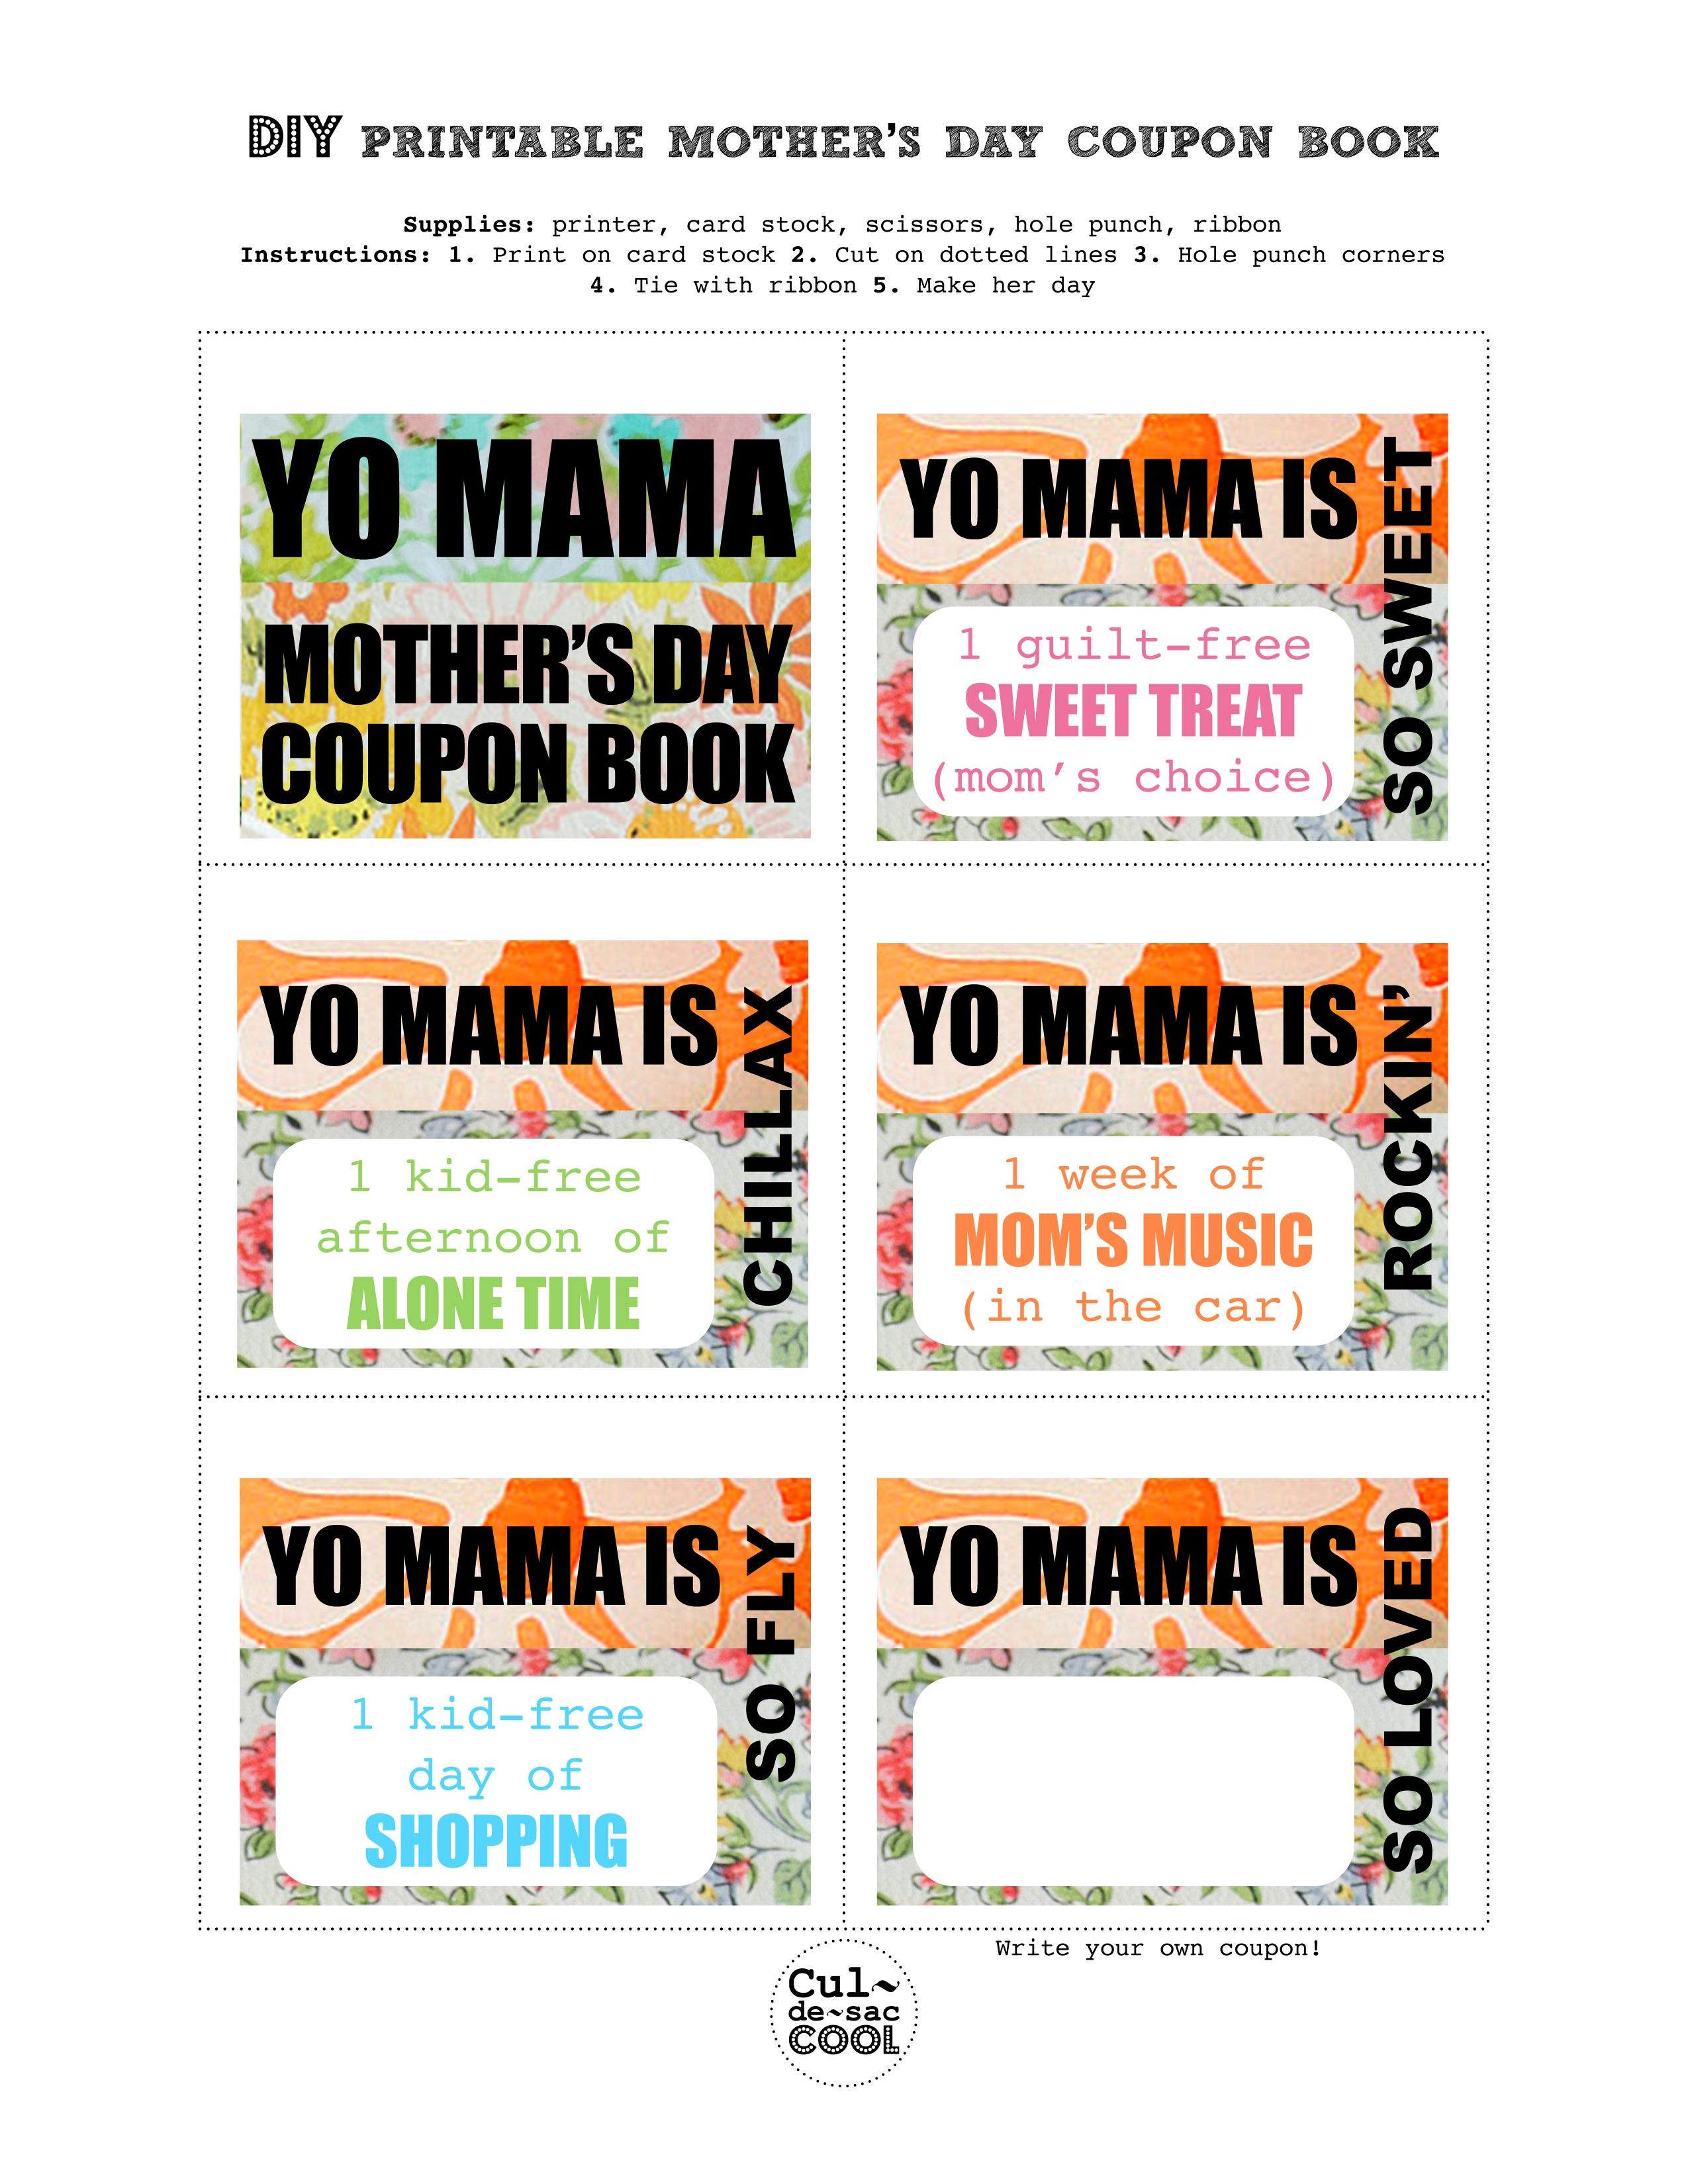 Diy Printable Mother's Day Coupon Book–'yo Mama' - Free Printable Homemade Coupon Book